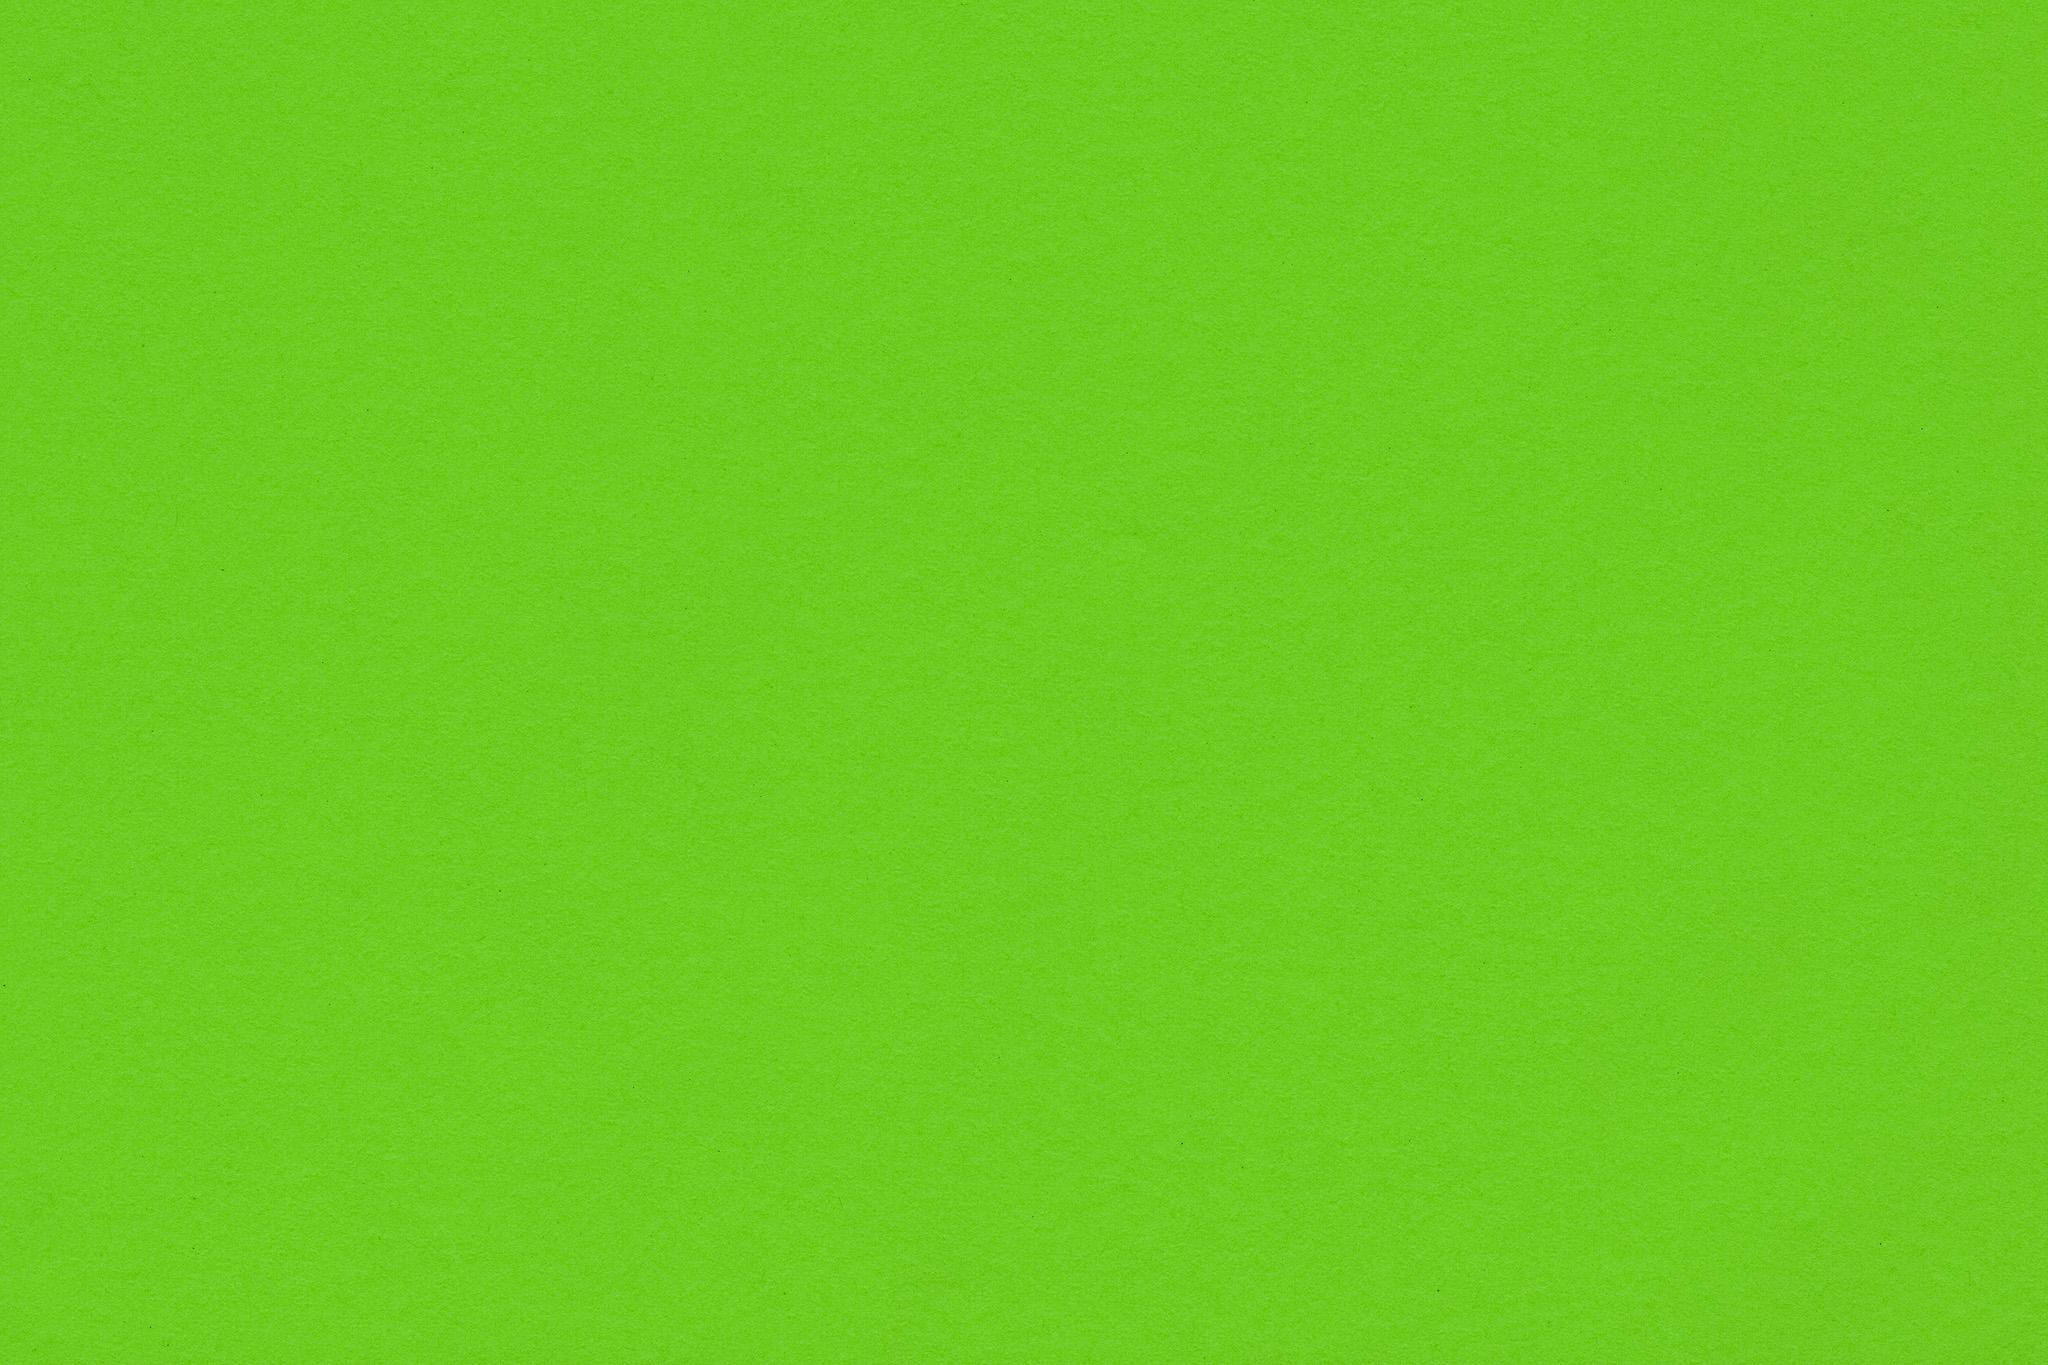 「若葉のような黄緑色の紙」